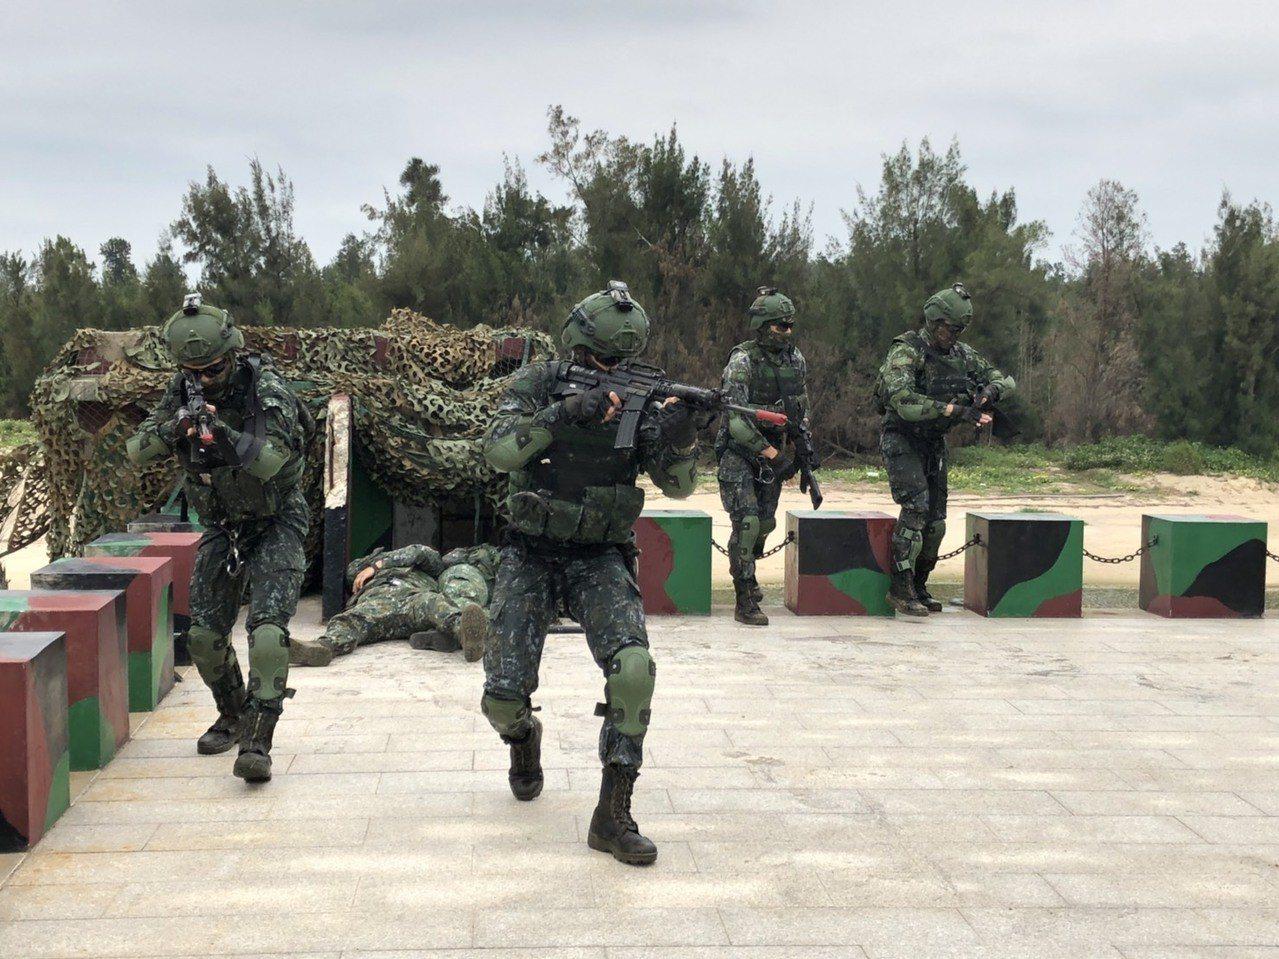 金防部營區又發現有士兵疑因酒駕撞樹自摔,經搶救仍回天乏術。圖/金防部提供